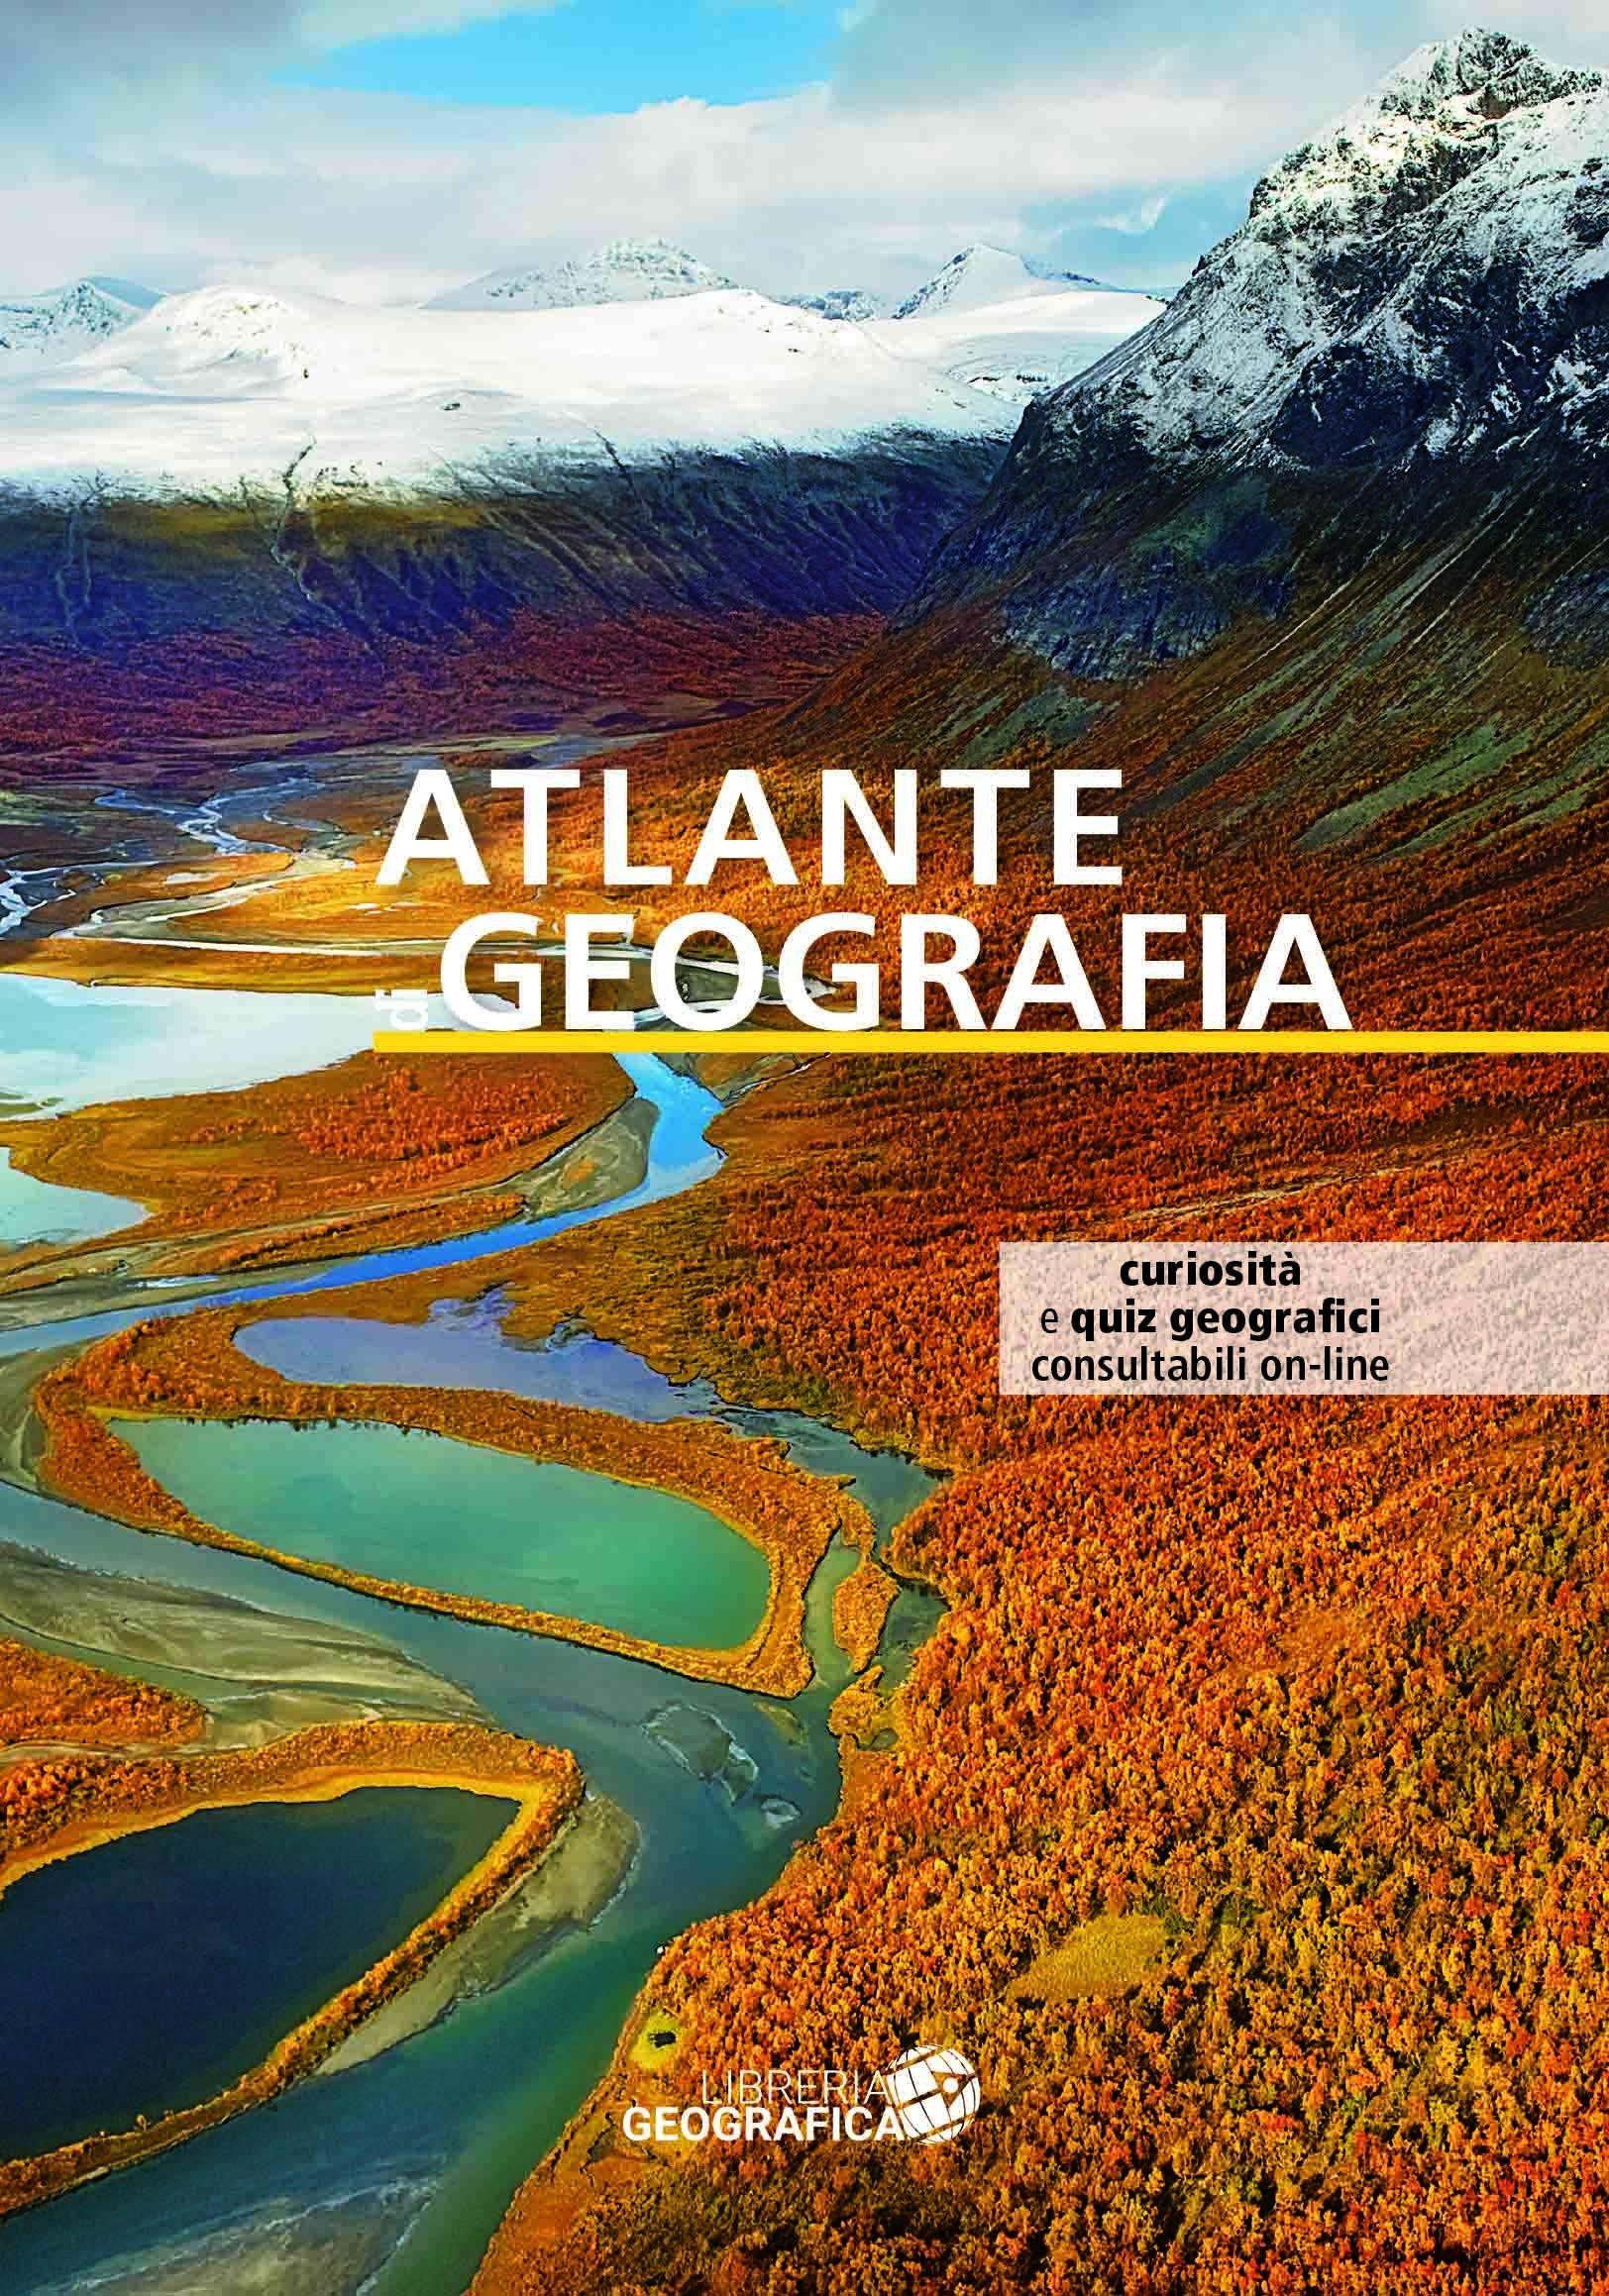 Atlante di geografia. Con Contenuto digitale per accesso on line Atlanti tascabili: Amazon.es: Libros en idiomas extranjeros